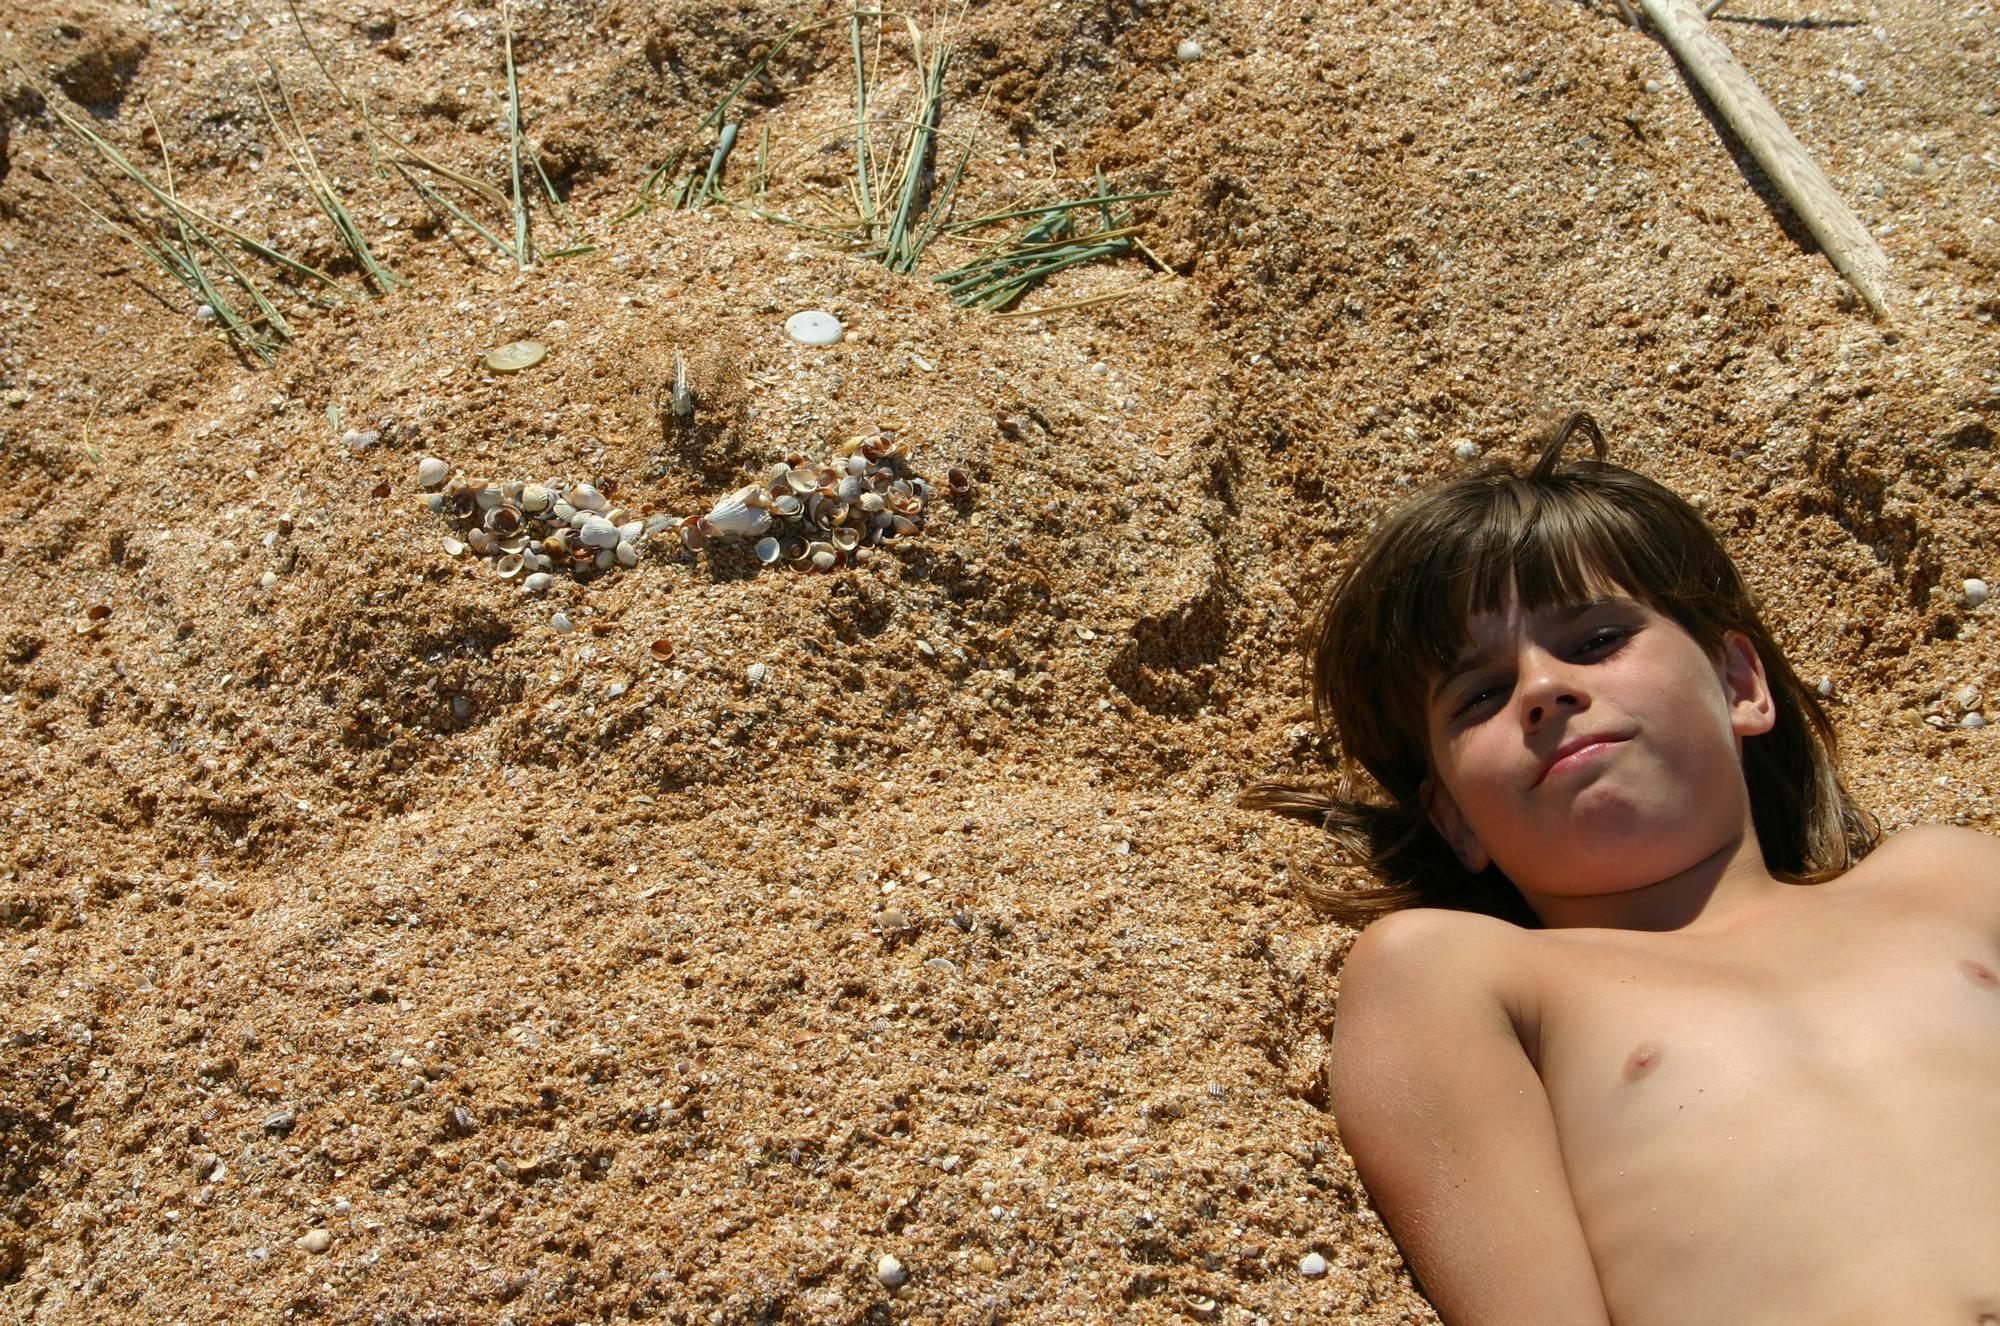 Nudist Gallery Naturist Beach Sand Kings - 1